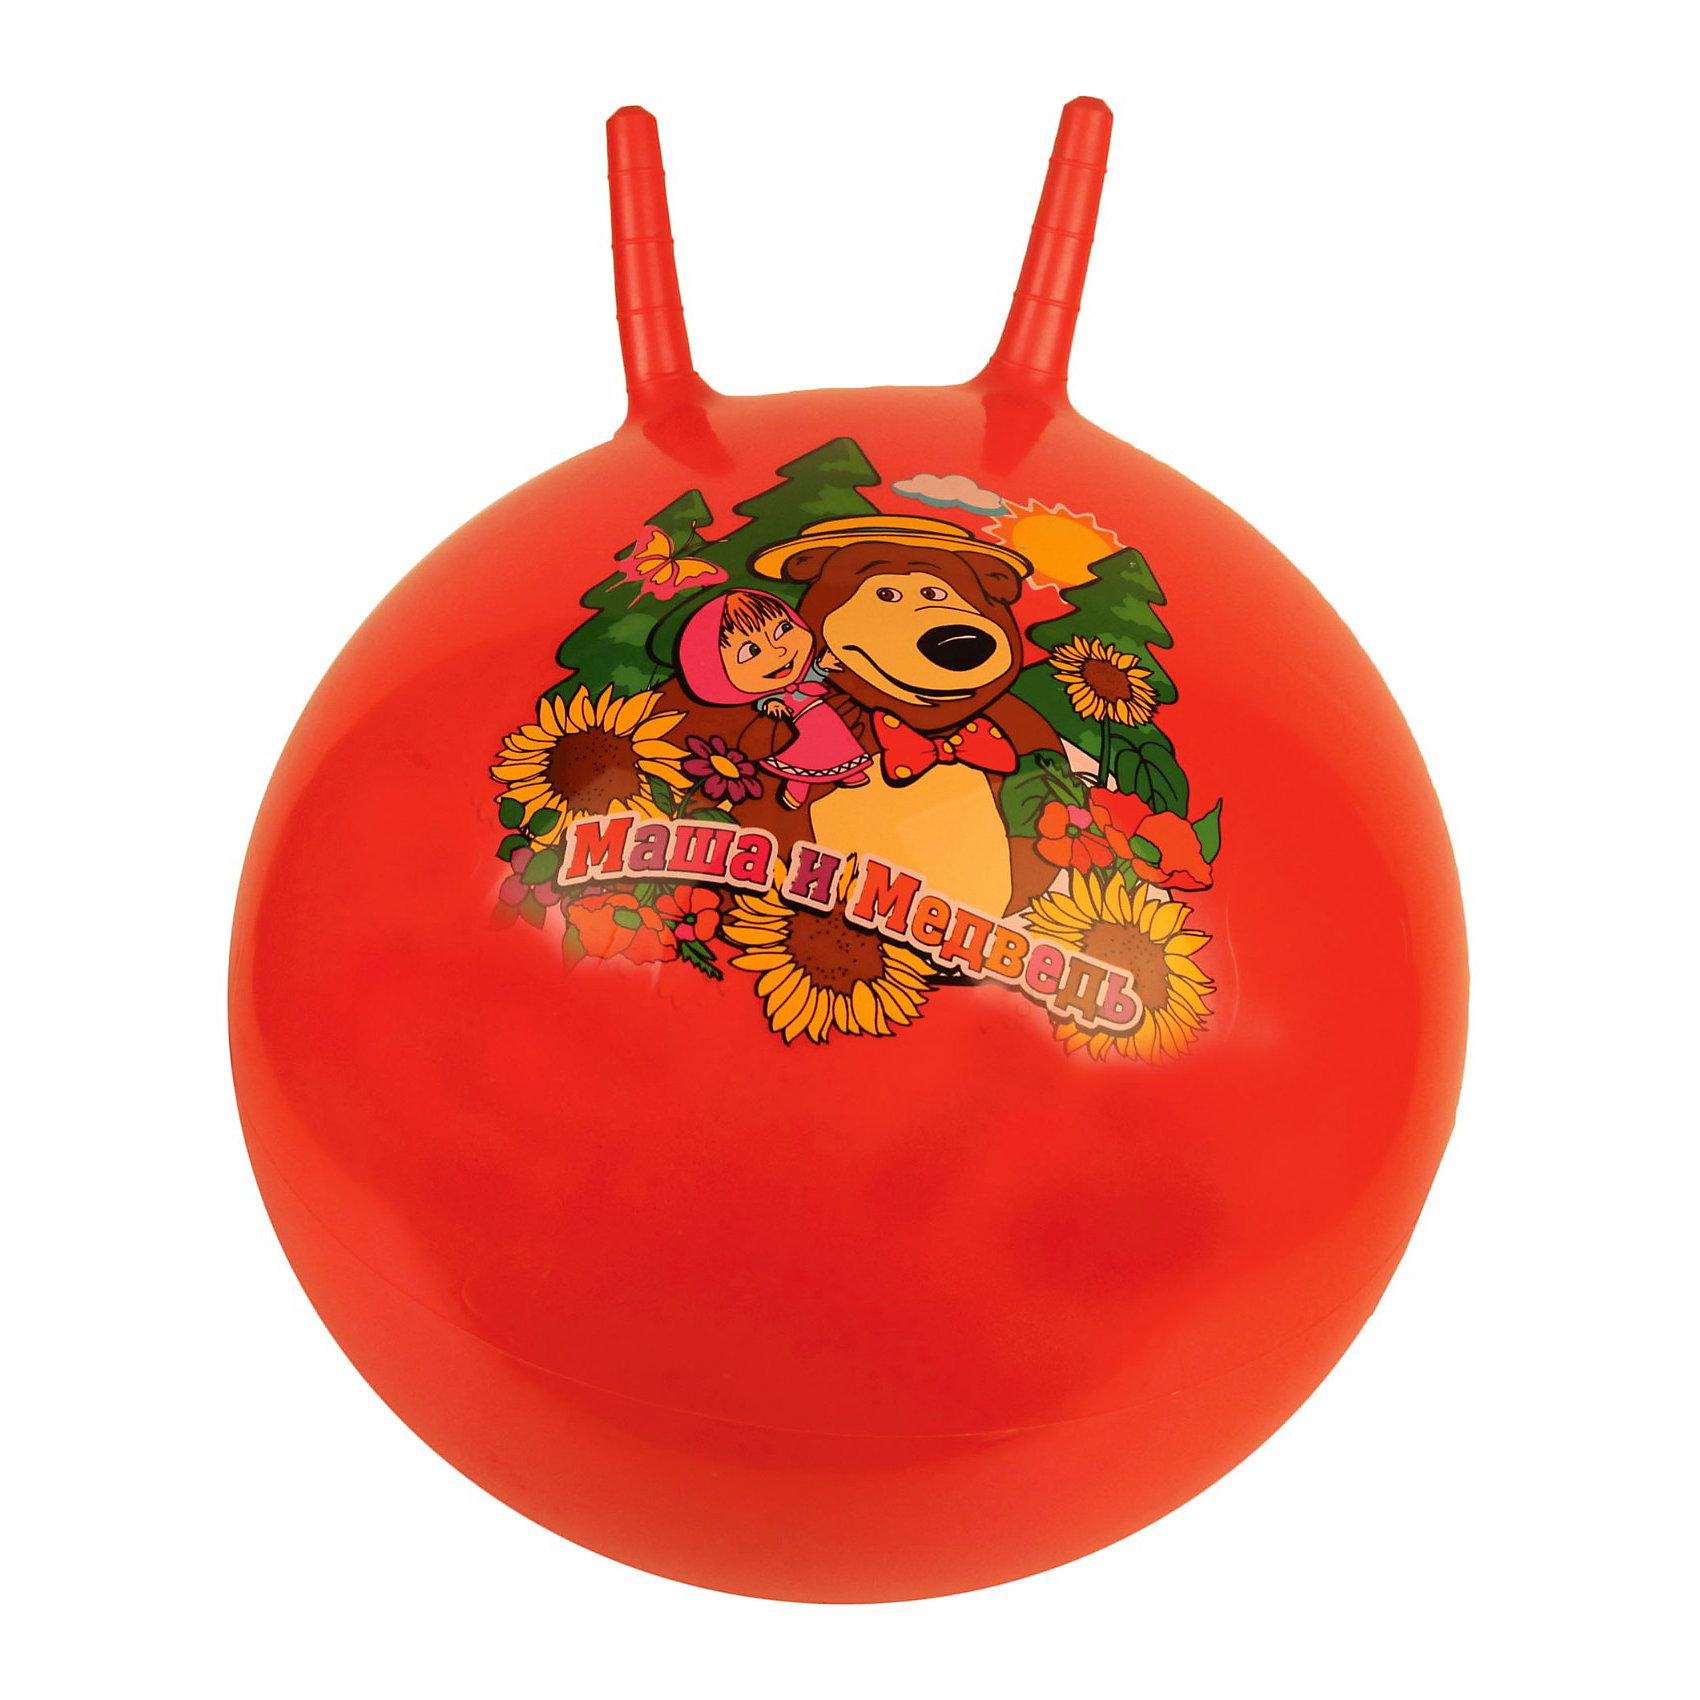 Мяч-прыгун, 55 см, Маша и медведьМячи детские<br>Мяч-прыгун c рожками Маша и Медведь - отличный вариант для активных игр. Прыжки на мяче способствуют коррекции и правильному формированию осанки, укрепляют различные группы мышц, развивают чувство равновесия, координацию и оптимизируют двигательную активность ребенка. Благодаря рожкам за мяч удобно держаться при прыжках и он не выскользнет. Яркая окраска и герои любимого мультика сделают Мяч-прыгун любимой игрушкой Вашего малыша!<br>Одна игрушка - море веселья!<br><br>Дополнительная информация:<br><br>- Мячик с рожками удобно держать в руках;<br>- Украшен героями любимого мультфильма Маша и Медведь;<br>- Диаметр: 55 см;<br>- Материал: ПВХ;<br>- Вес: 0,6 кг.<br>- Насос в комплект не входит<br>- Мяч поставляется в сдутом состоянии<br><br>Мяч-прыгун, 55 см, Маша и медведь можно купить в нашем интернет-магазине.<br><br>Ширина мм: 170<br>Глубина мм: 70<br>Высота мм: 170<br>Вес г: 600<br>Возраст от месяцев: 36<br>Возраст до месяцев: 1188<br>Пол: Унисекс<br>Возраст: Детский<br>SKU: 3528630